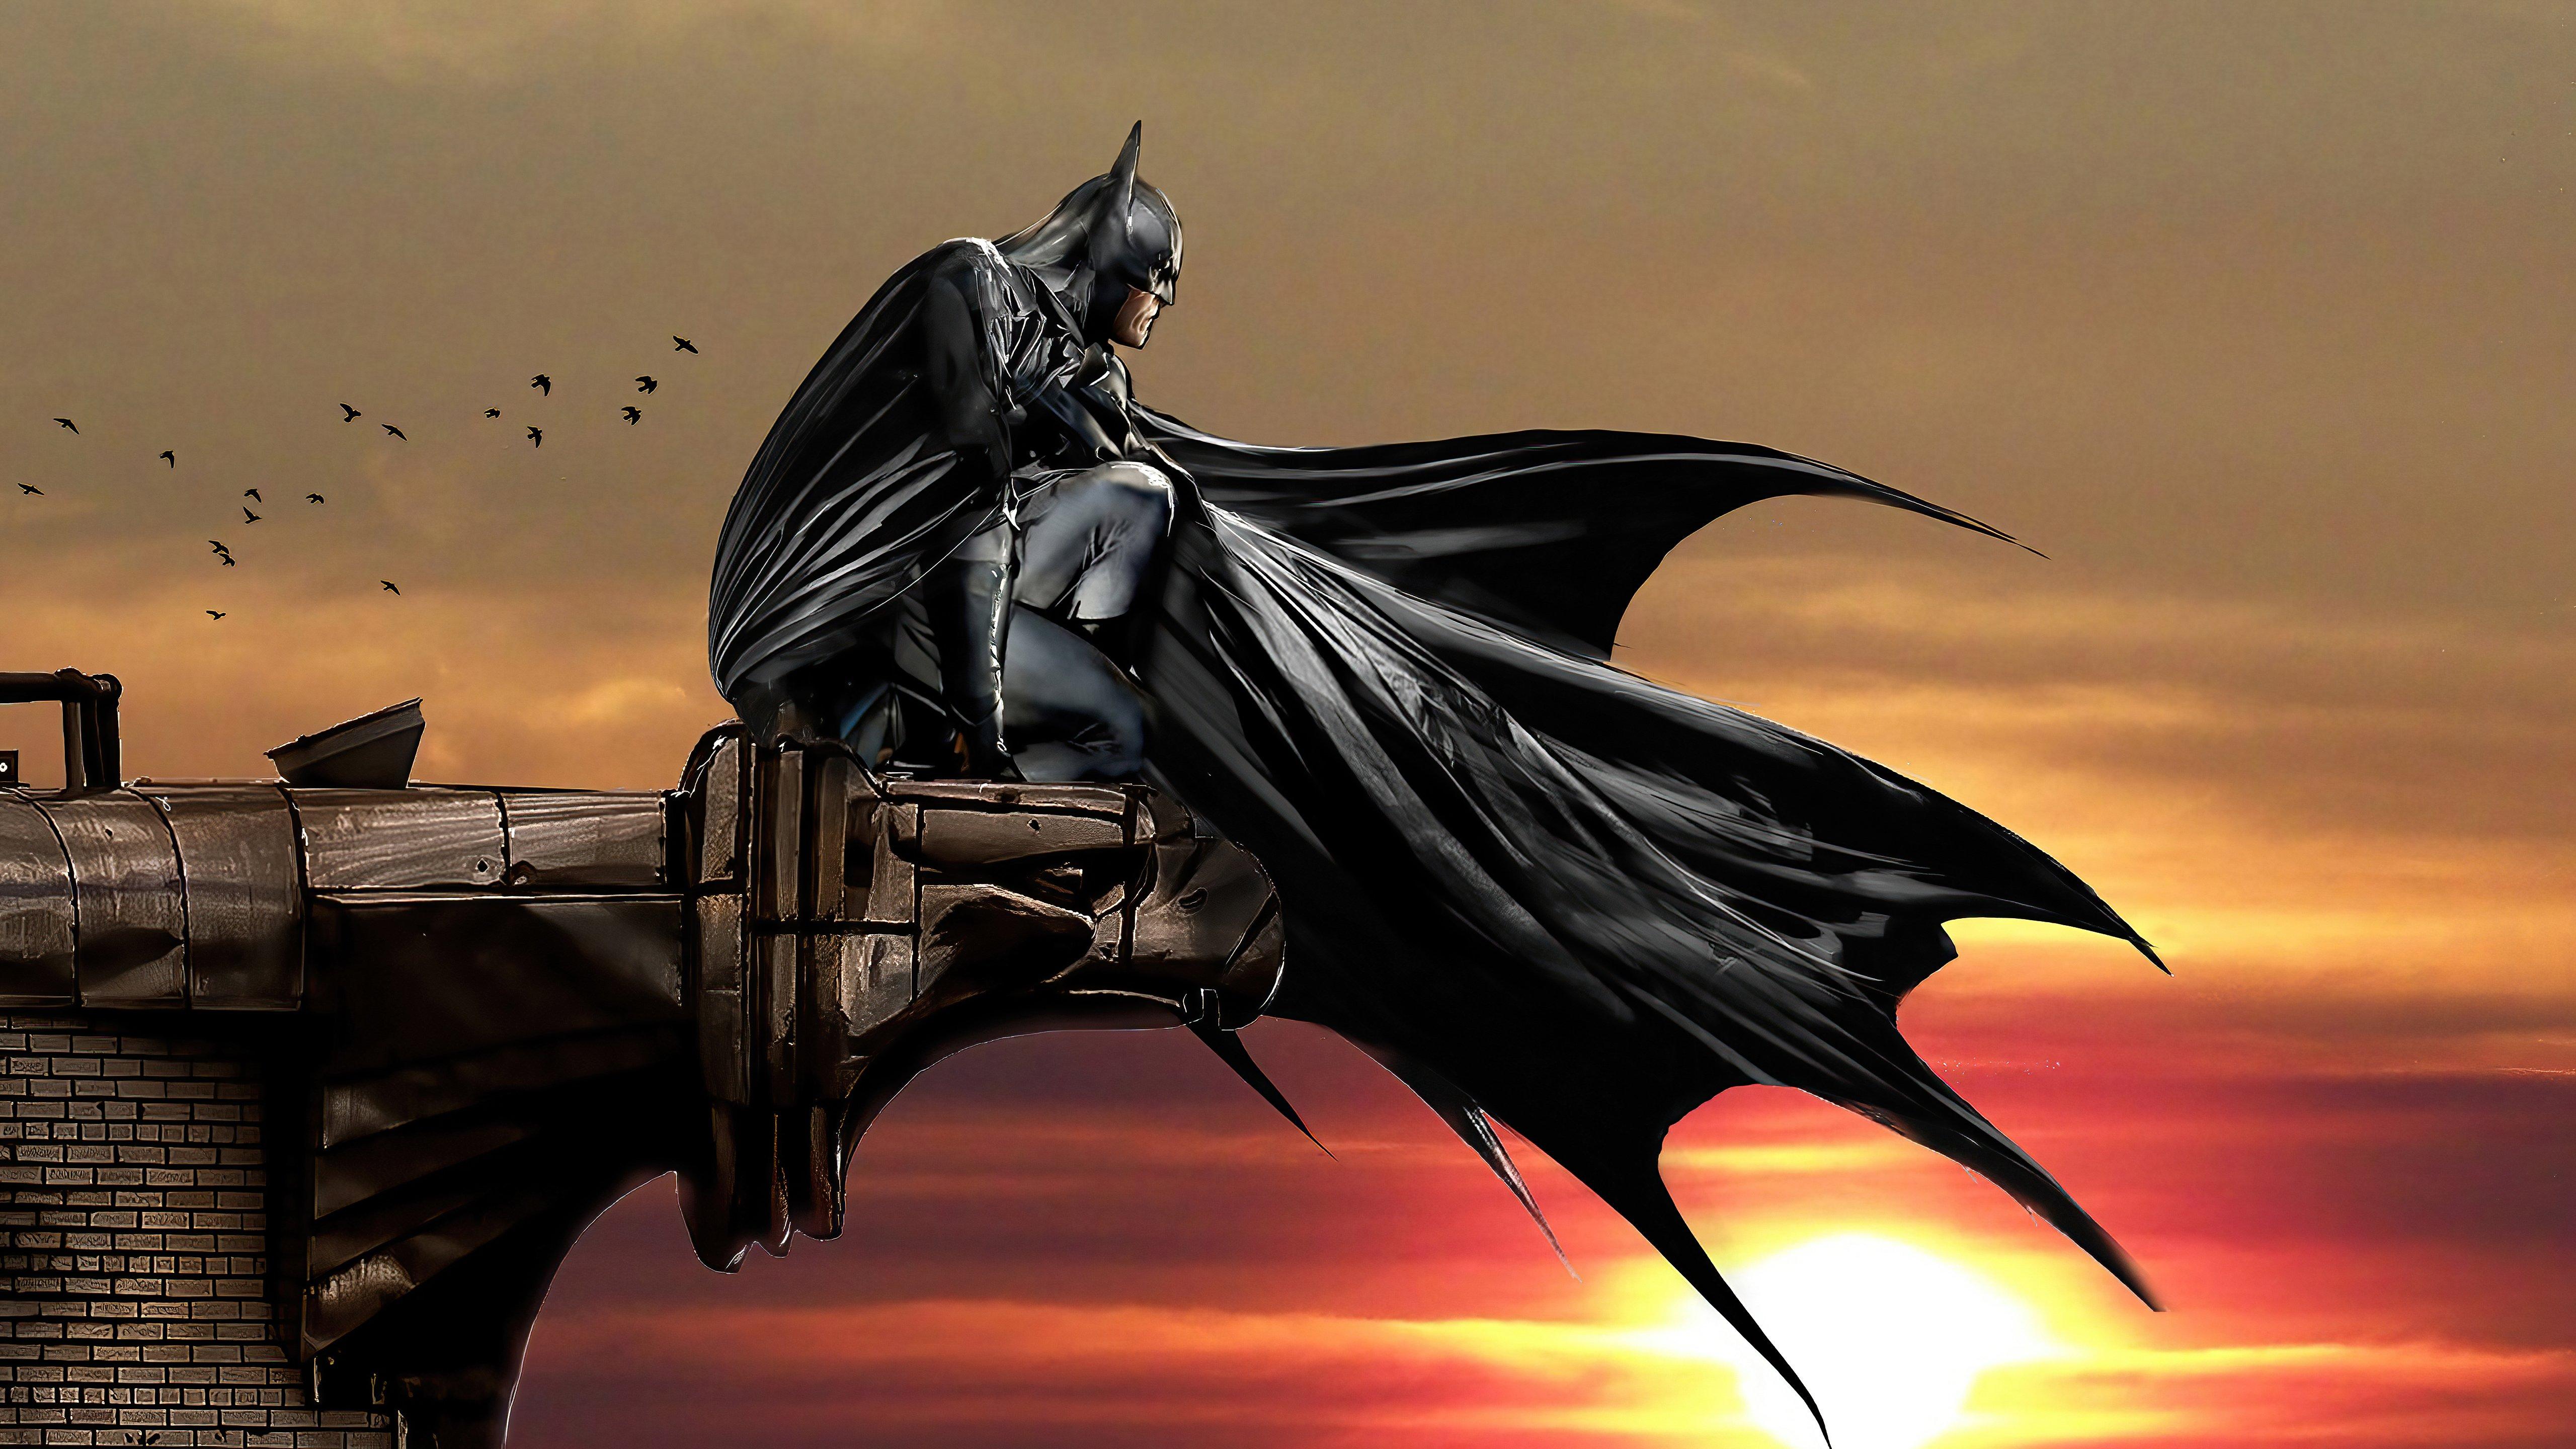 Fondos de pantalla Batman The Gotham Knight